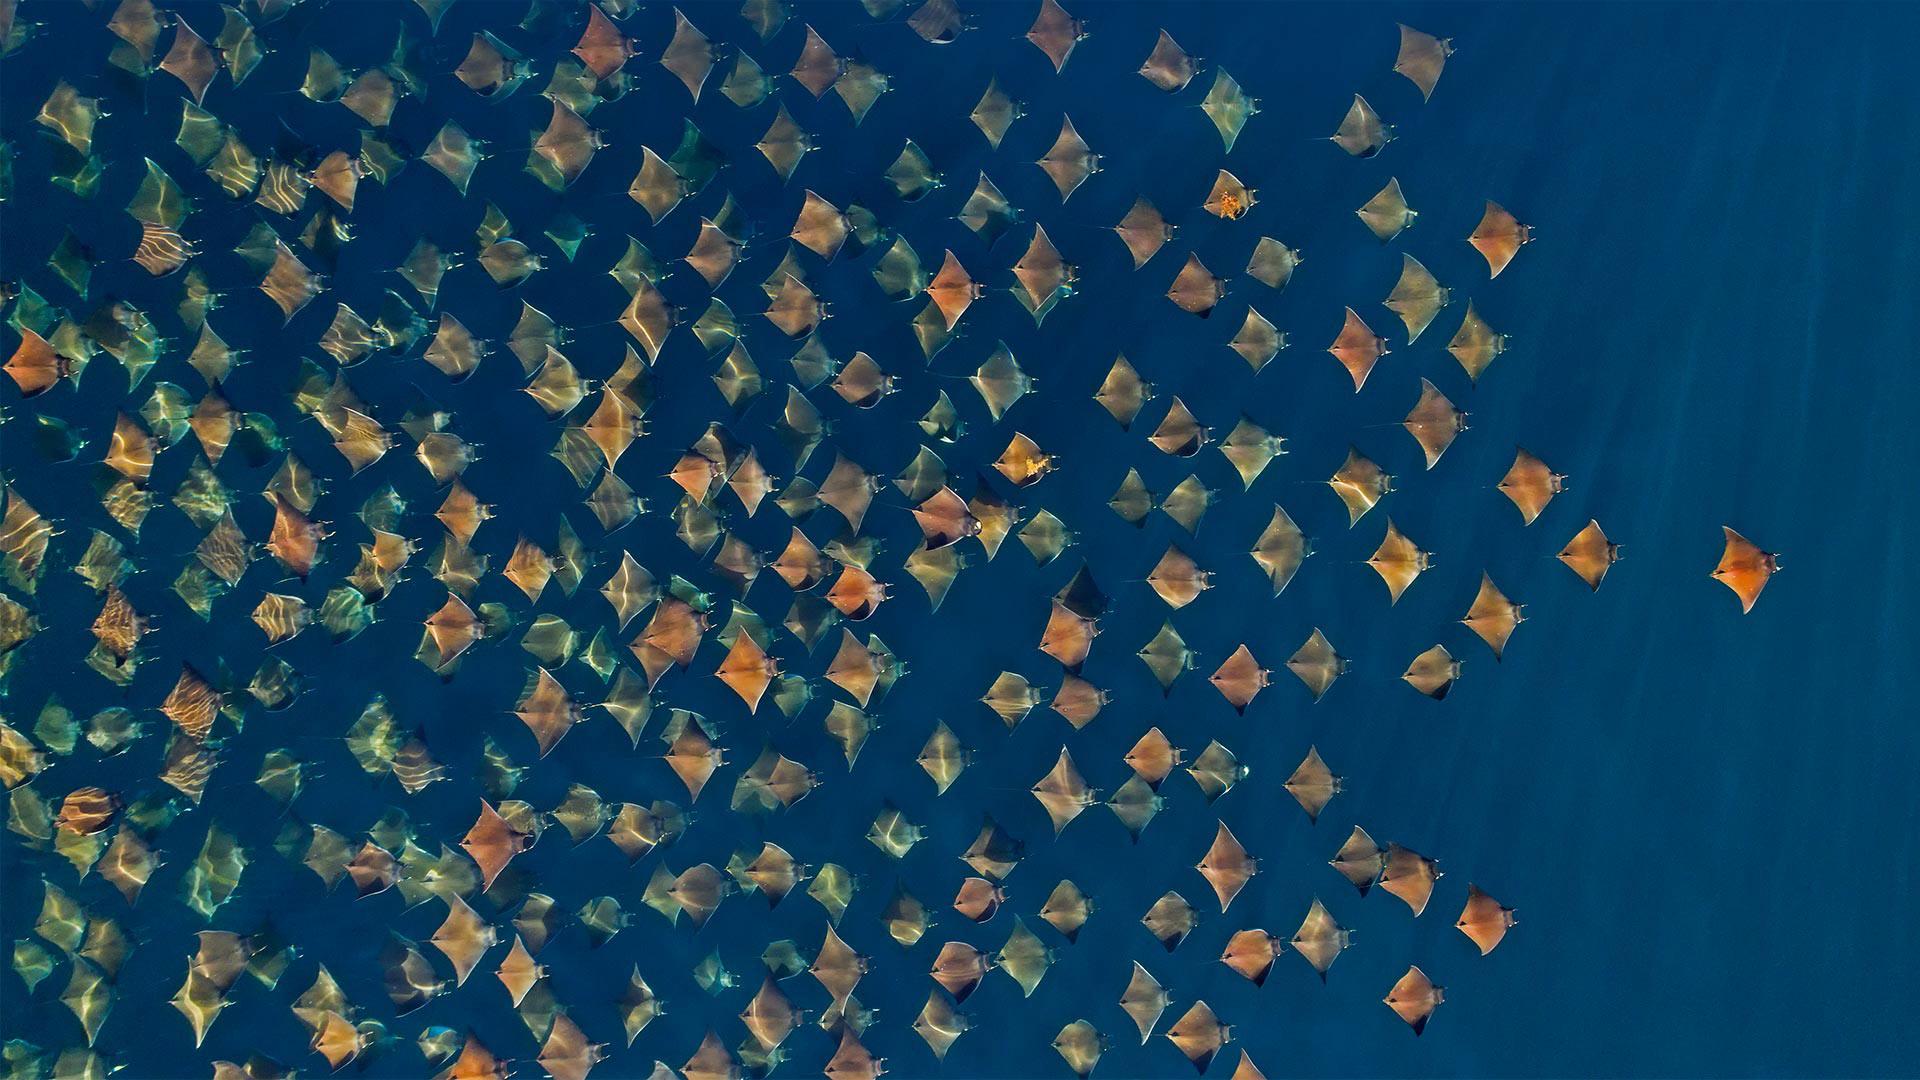 「ムンクイトマキエイの群れ」メキシコ, カリフォルニア湾 (© Mark Carwardine/Minden Pictures)